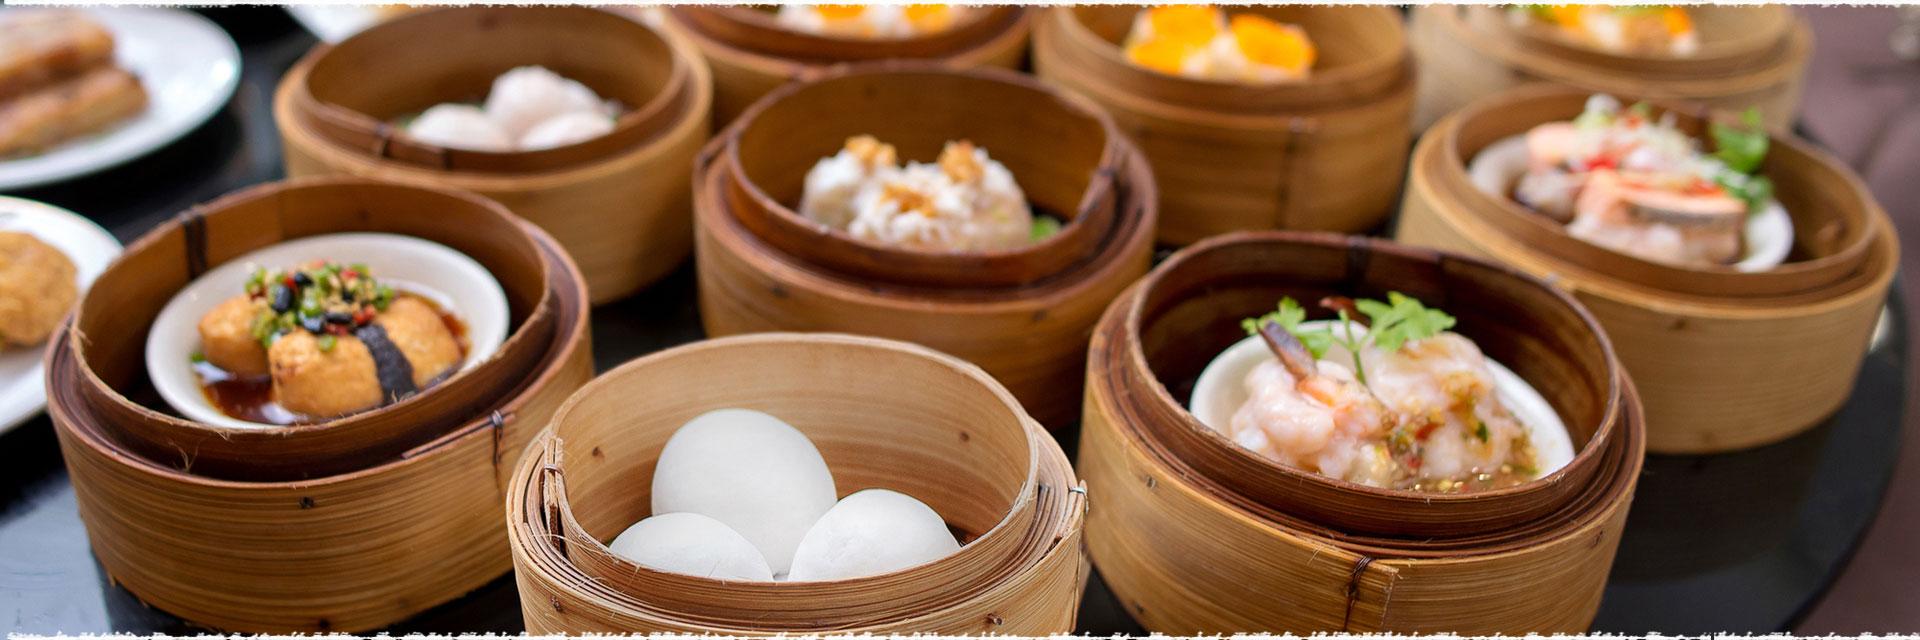 Les maisons de thé et les dim sum Cantonais